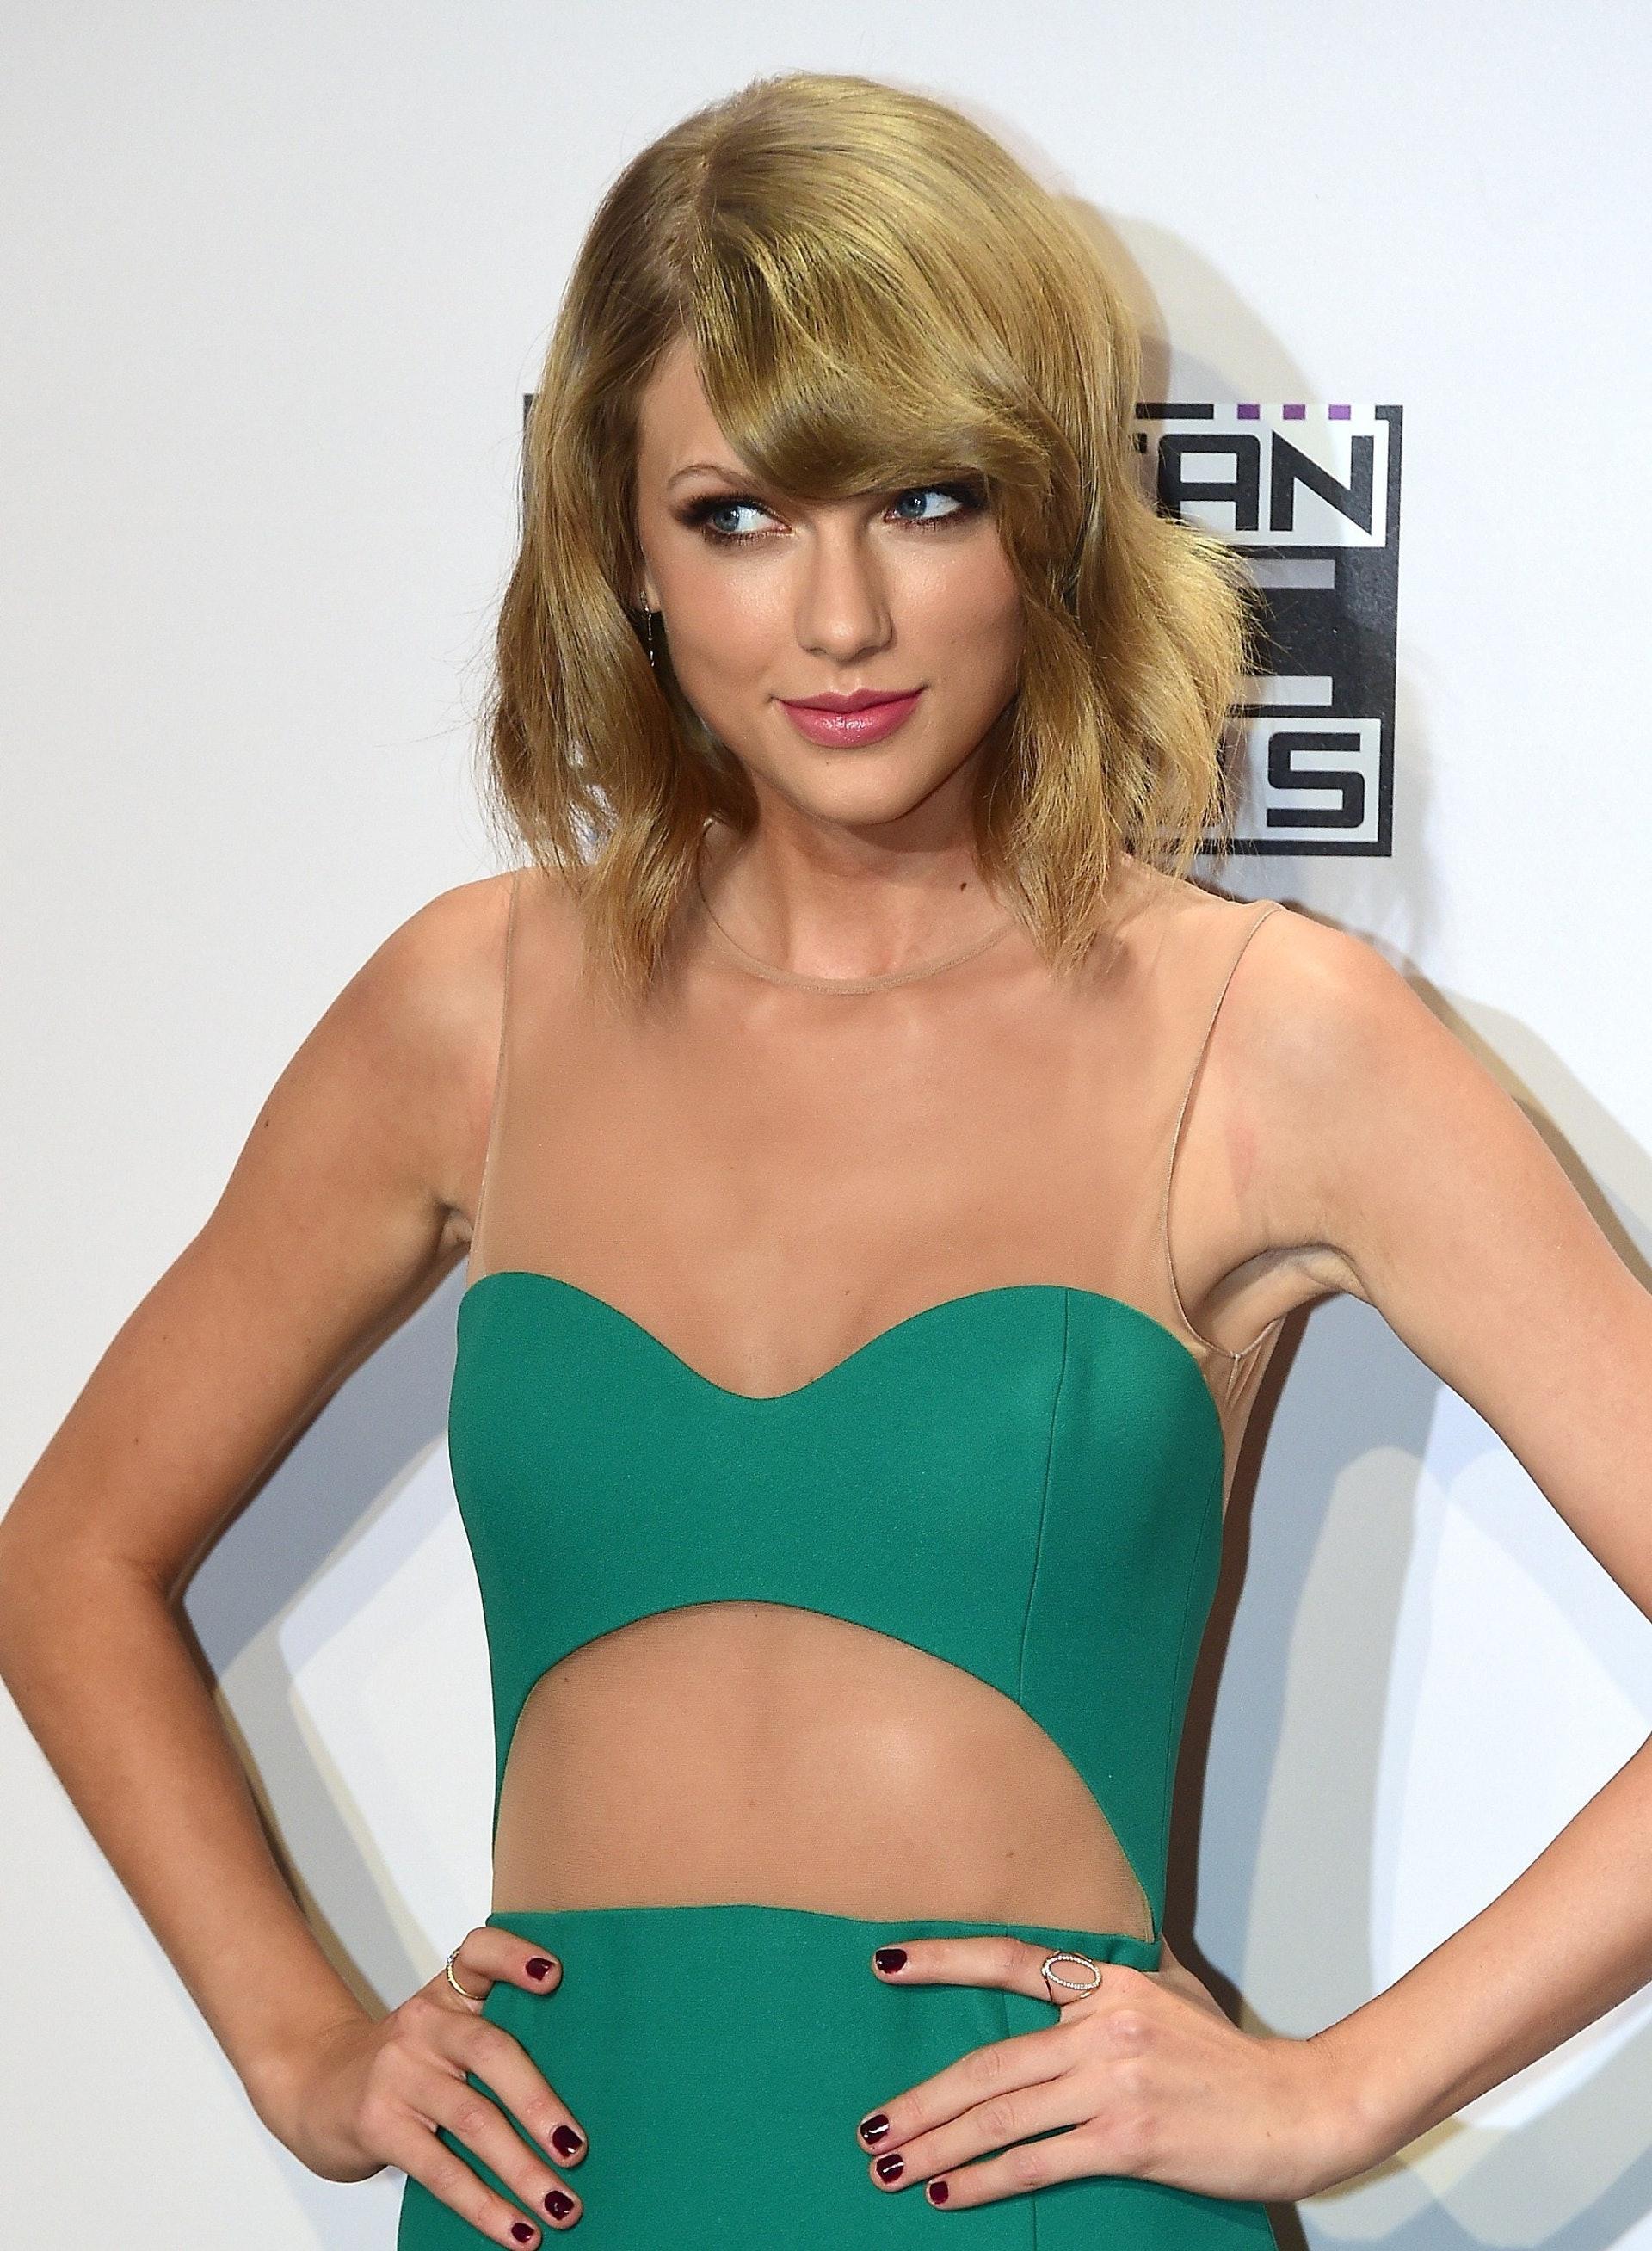 她的身材很令人羡慕。(Getty Images)